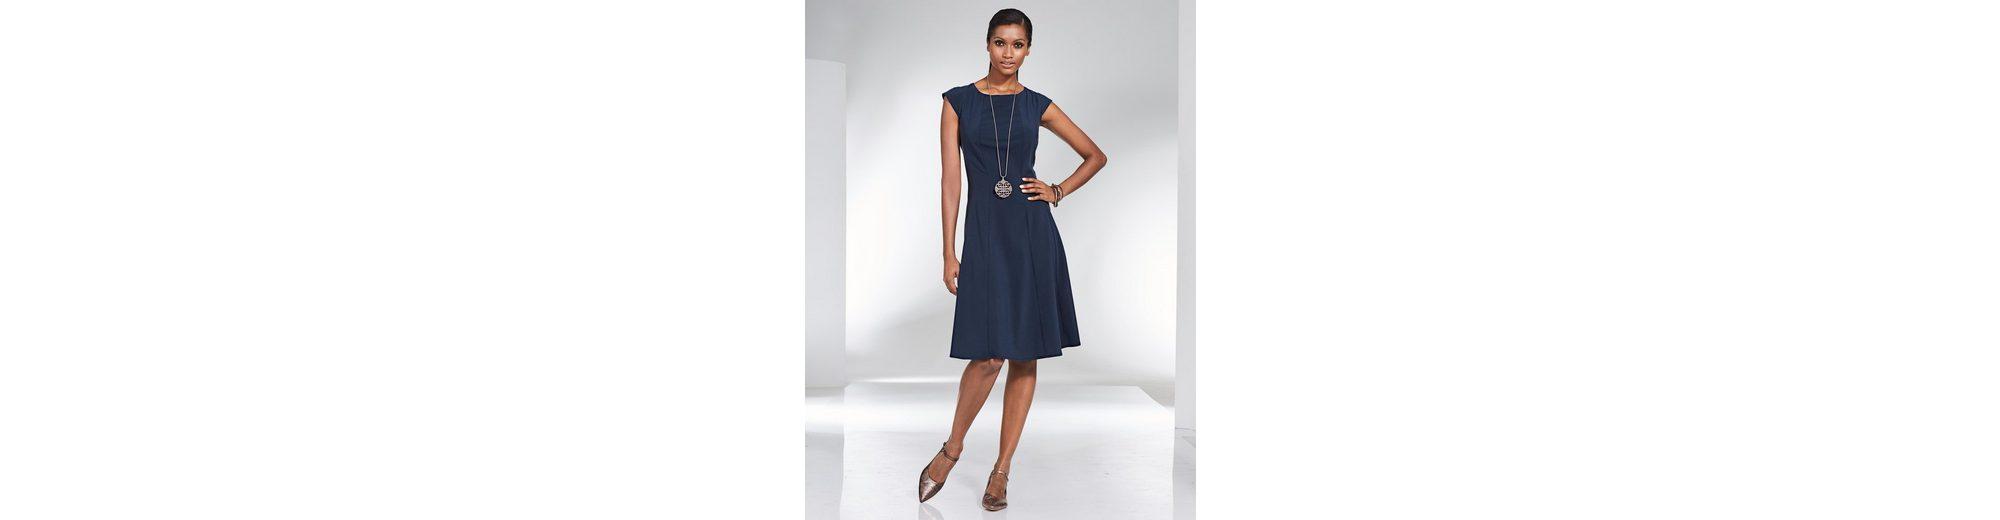 Billig Verkauf Wahl Billig Verkauf In Deutschland Alba Moda Kleid in aufwendiger Schnittführung Zahlen Mit Paypal Günstig Online Eastbay Online ZdwABHkc